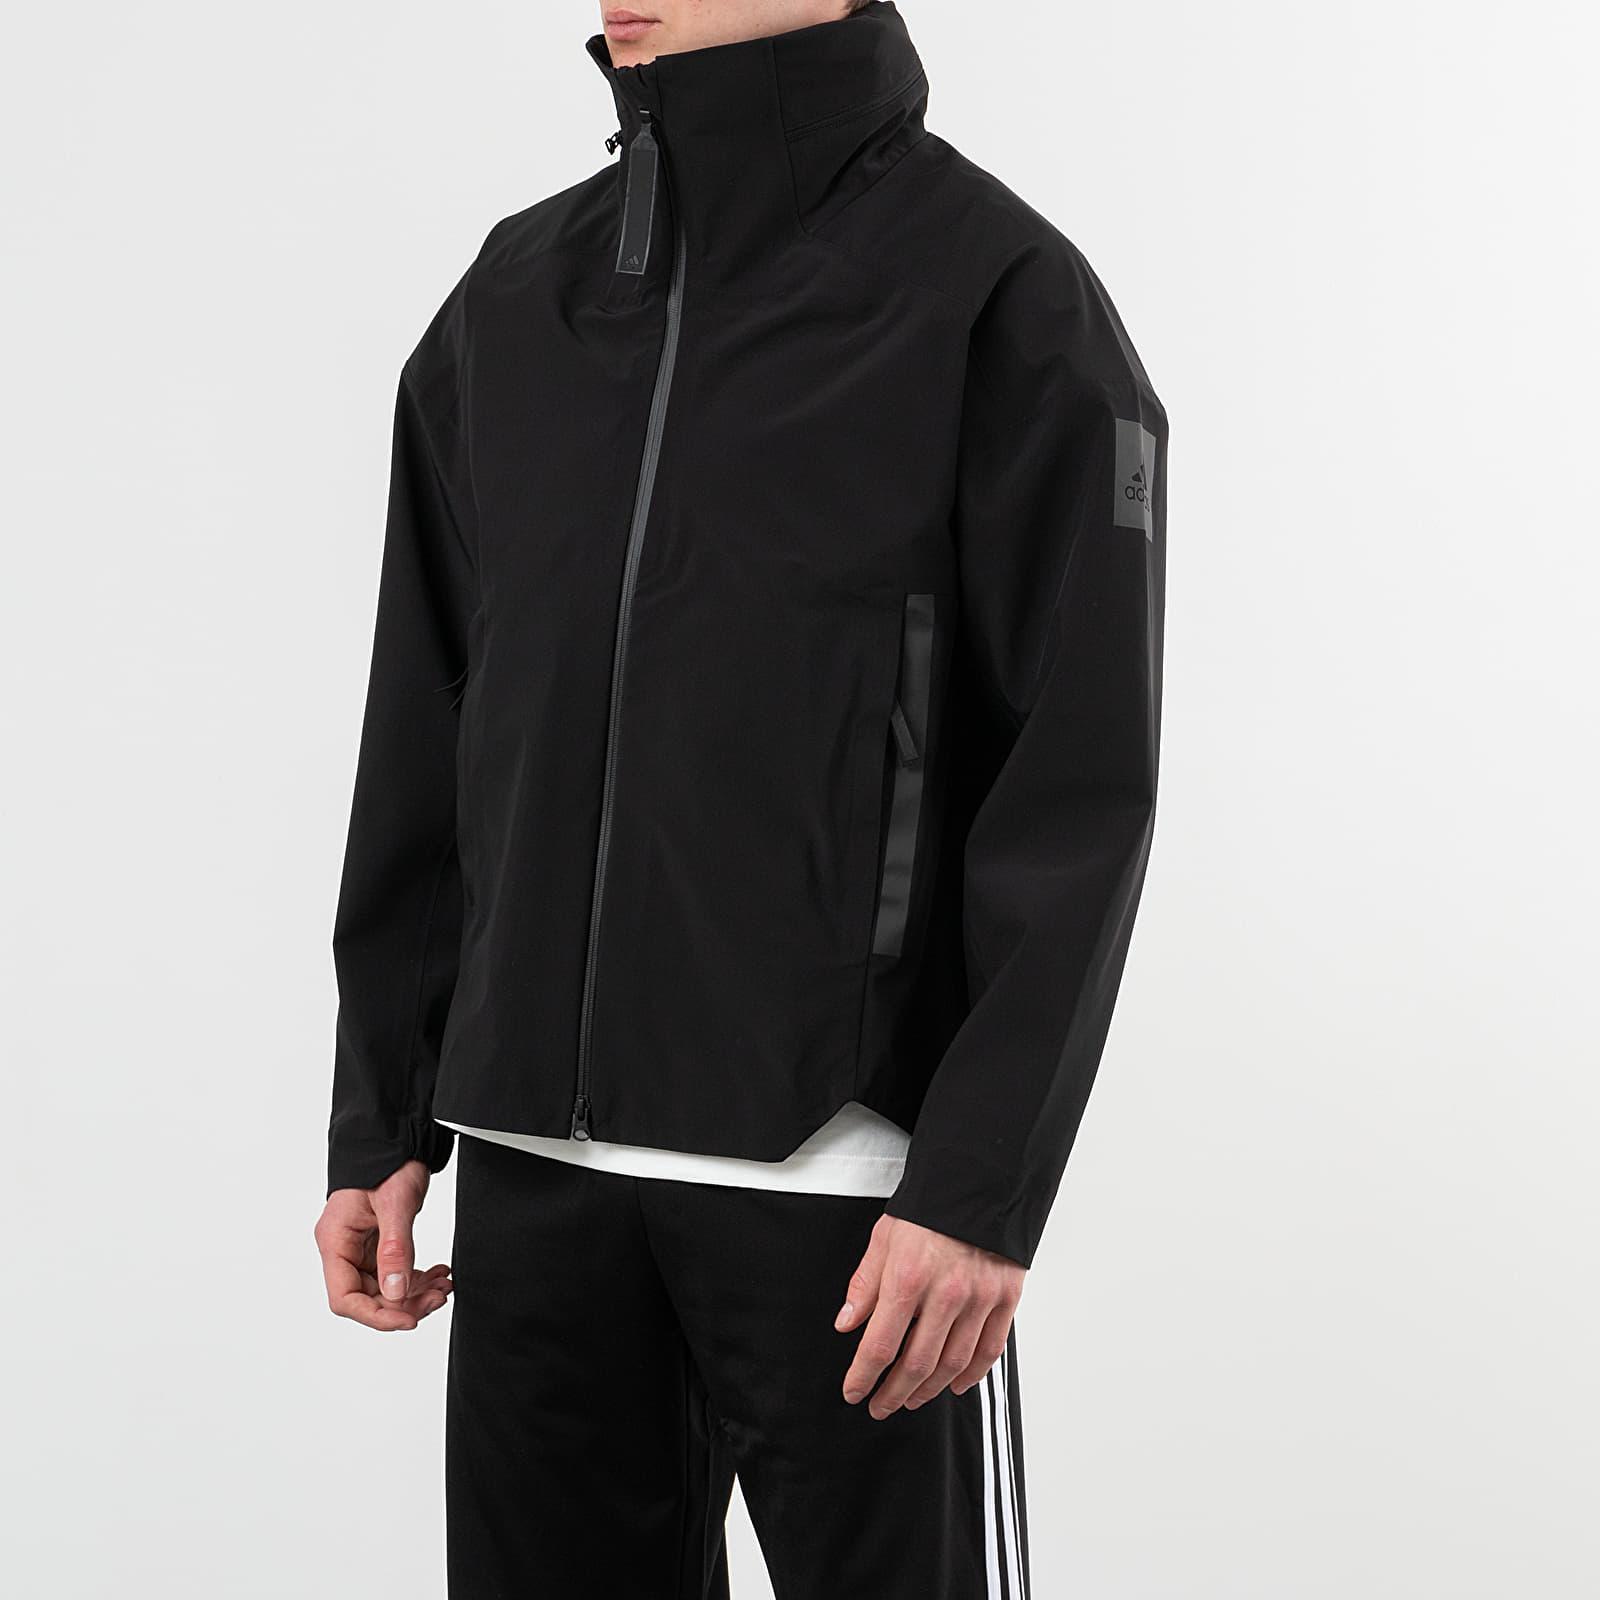 Vestes adidas Myshelter Jacket Black